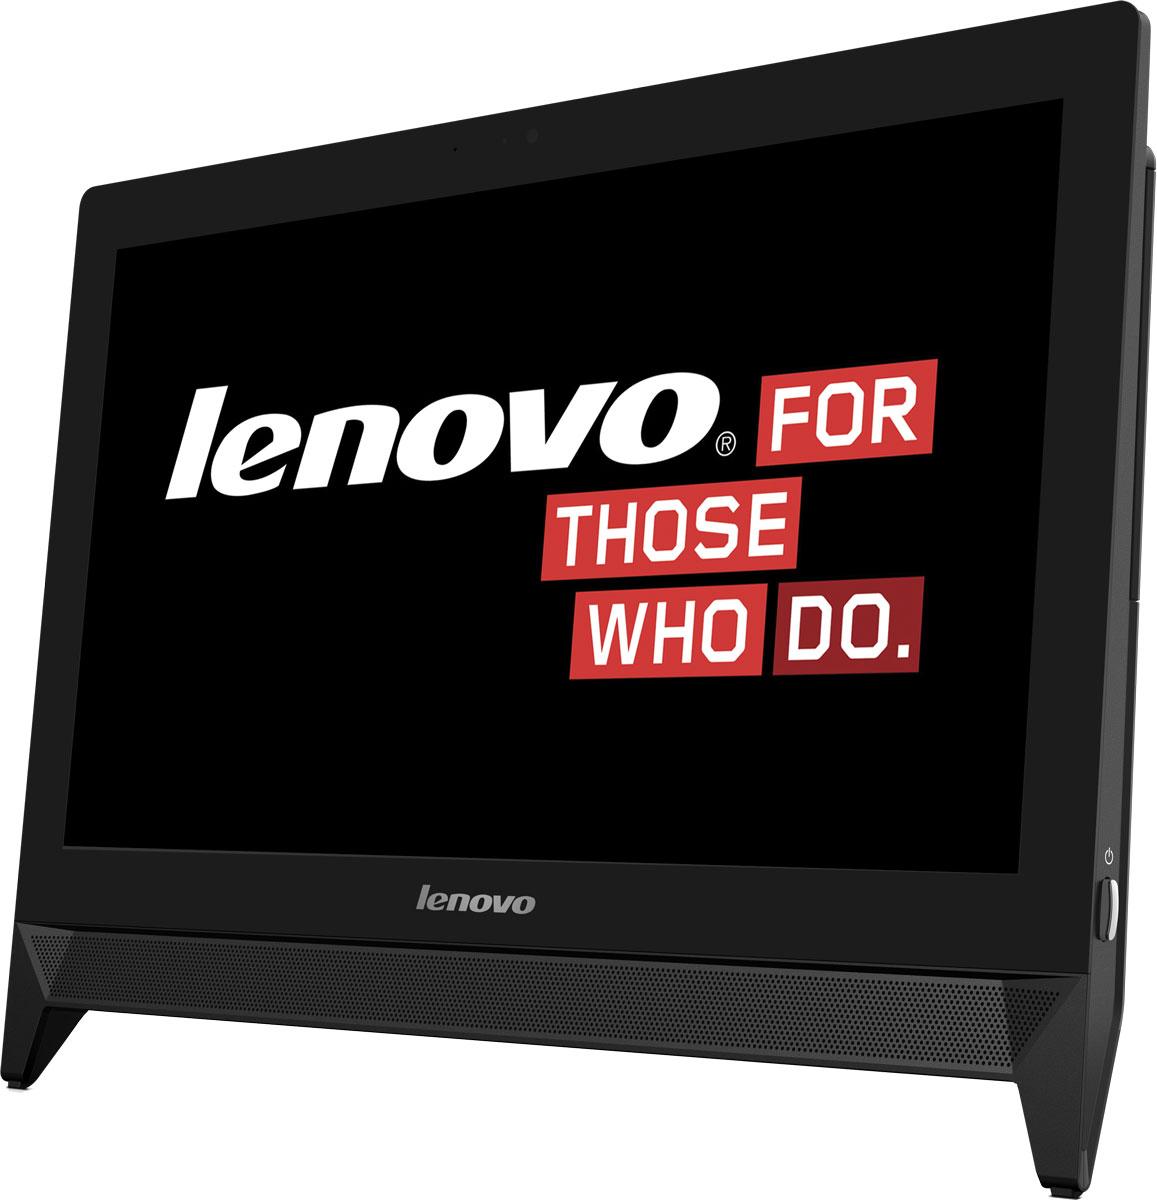 Lenovo C20-00, Black моноблок (F0BB00T9RK)F0BB00T9RKПусть этот тонкий и изящный моноблок станет вашим новым домашним ПК. Lenovo C20-00, оснащенный новейшим процессором, совмещает функциональность, производительность и привлекательную цену. Благодаря стереофоническим динамикам и выходу HDMI, этот компьютер можно использовать в качестве домашнего развлекательного центра, обеспечивающего четкое изображение и высочайшее качество воспроизведения звука. Дисплей C20-00 занимает очень мало места на вашем столе, стойке или в развлекательном центре. Великолепный 19,5-дюймовый дисплей за счет удобной системы фиксации кабелей занимает минимум места. Ощутите эффект полного присутствия при общении с друзьями и родственниками в видеочате с веб-камерой высокого разрешения 720p. Точные характеристики зависят от модификации. Моноблок сертифицирован EAC и имеет русифицированную клавиатуру и Руководство пользователя.